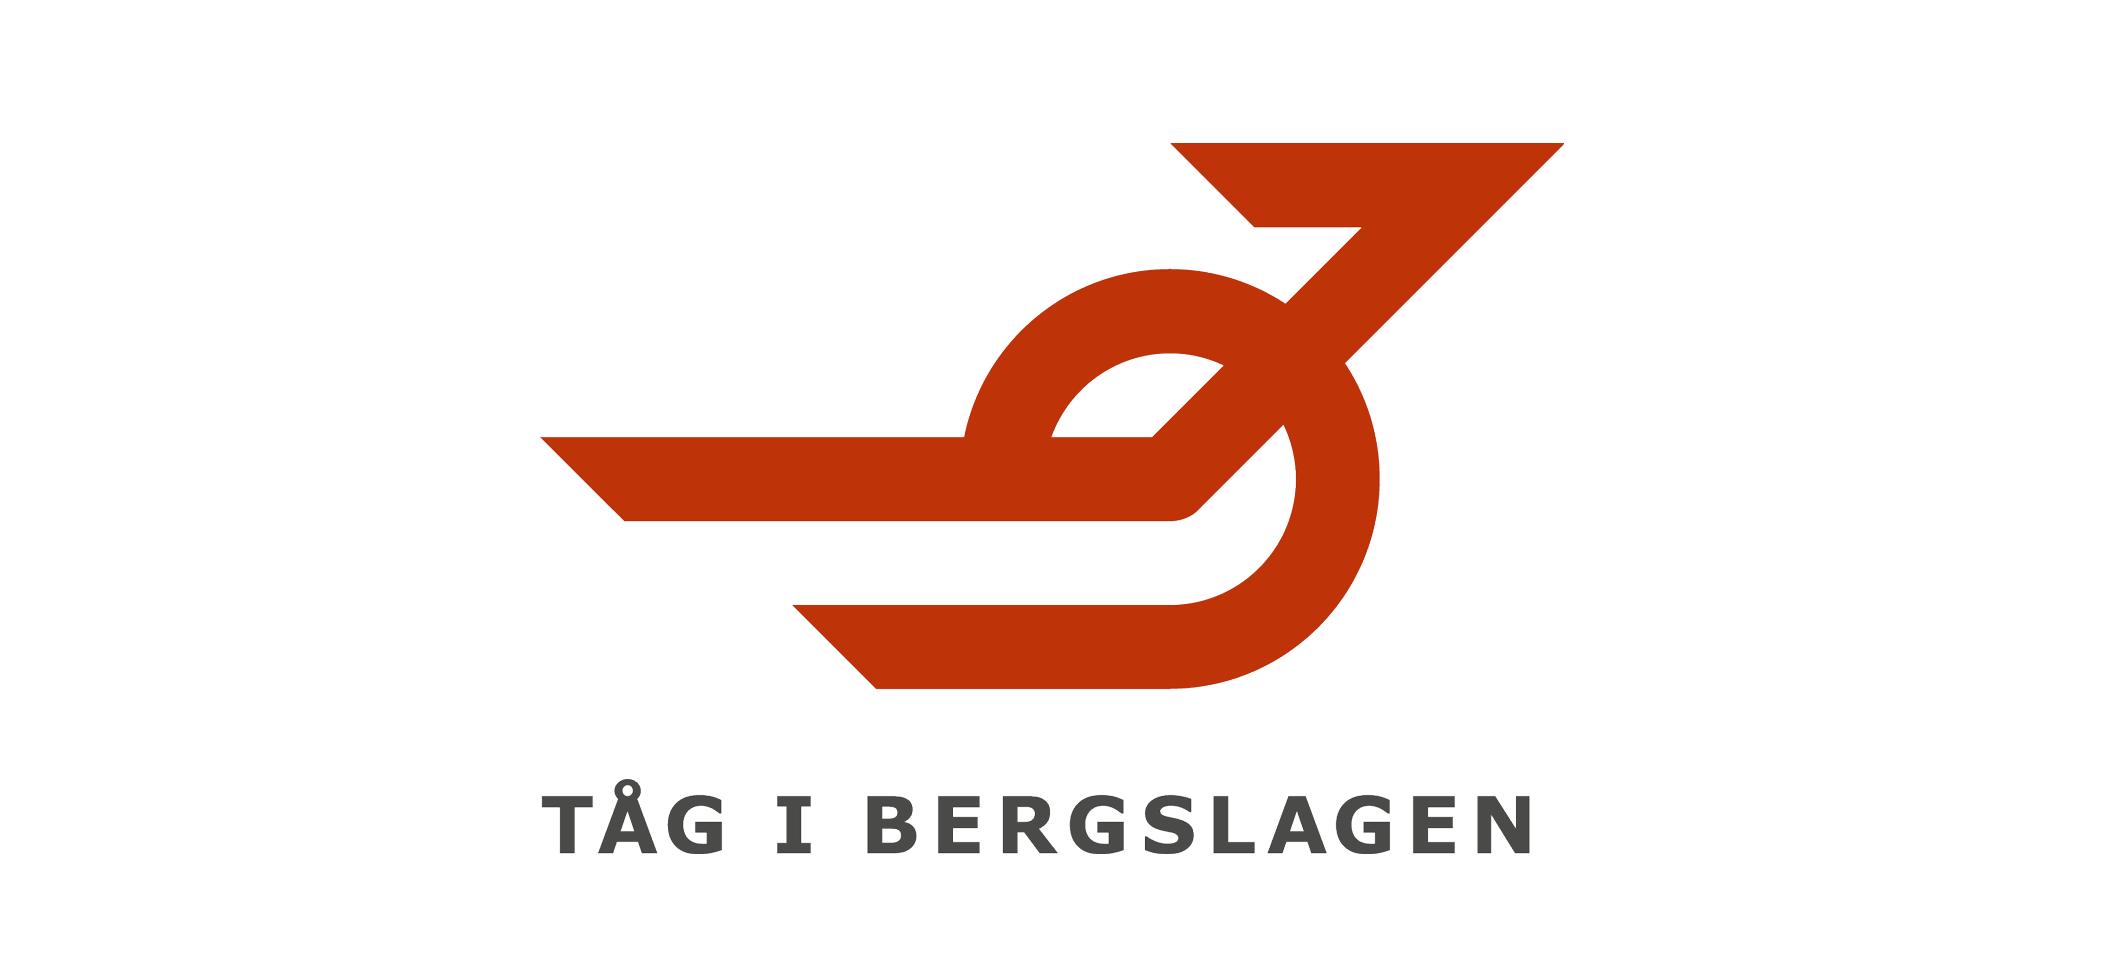 Tåg i Bergslagen